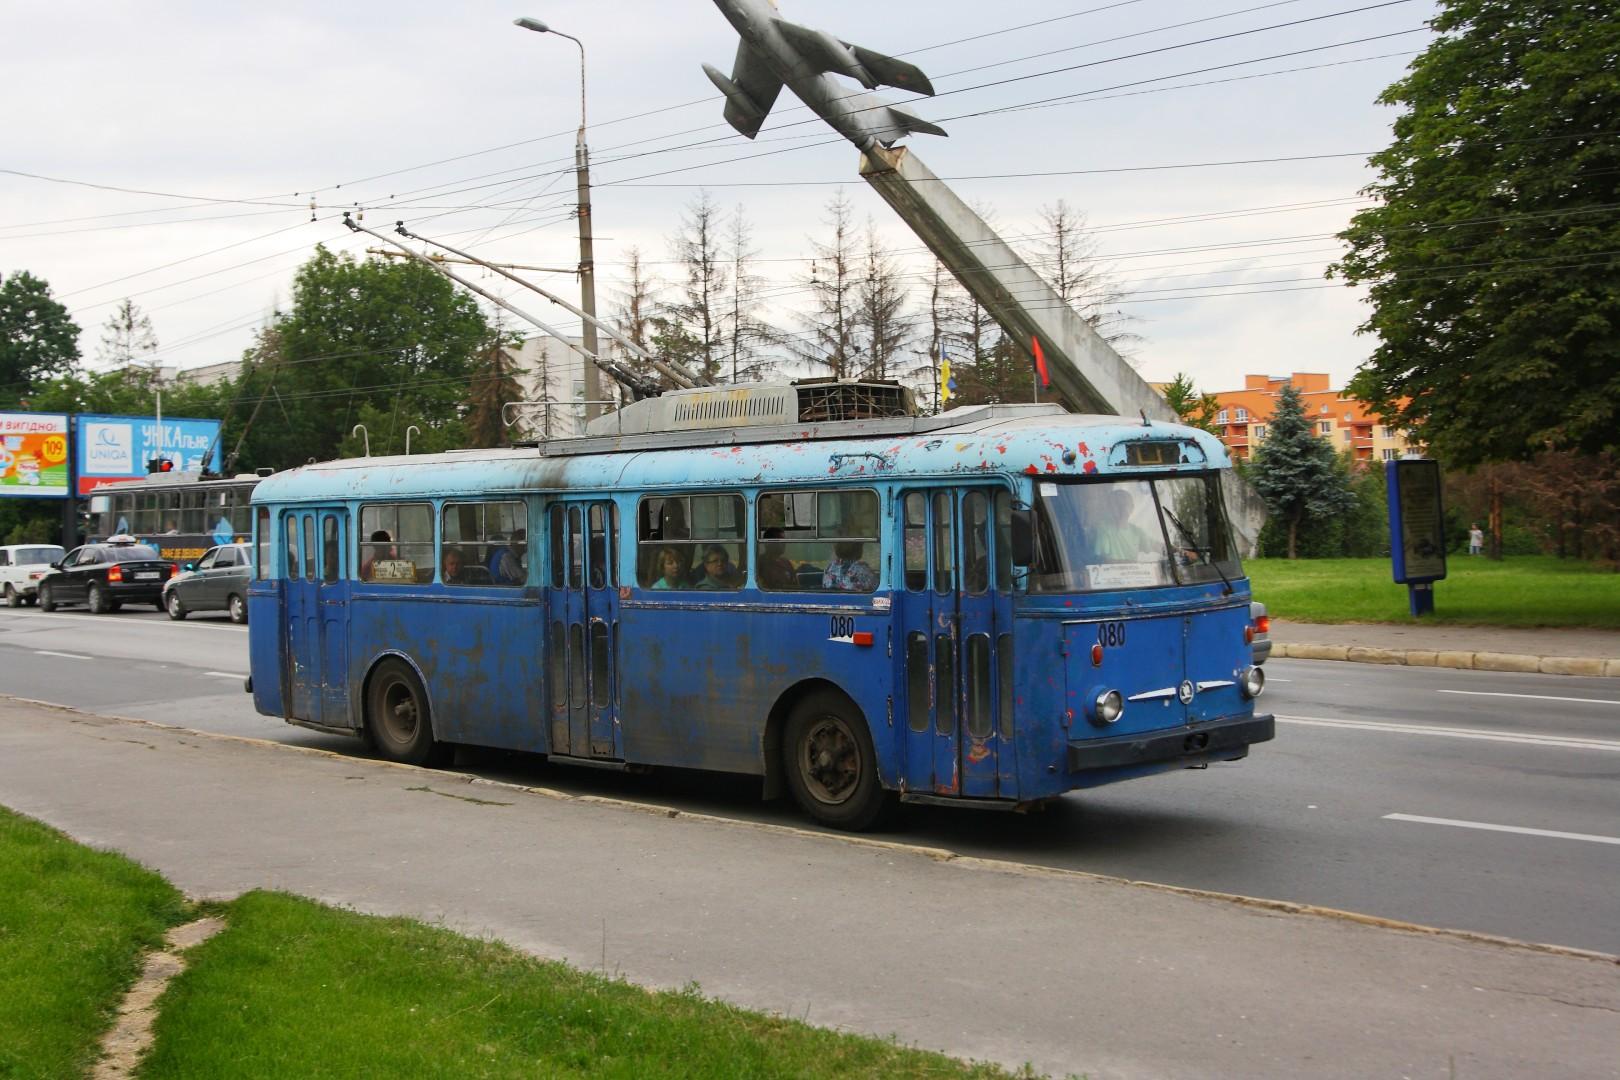 Тернополяни пропонують зберегти та відреставрувати тролейбус «Škoda 9Tr»